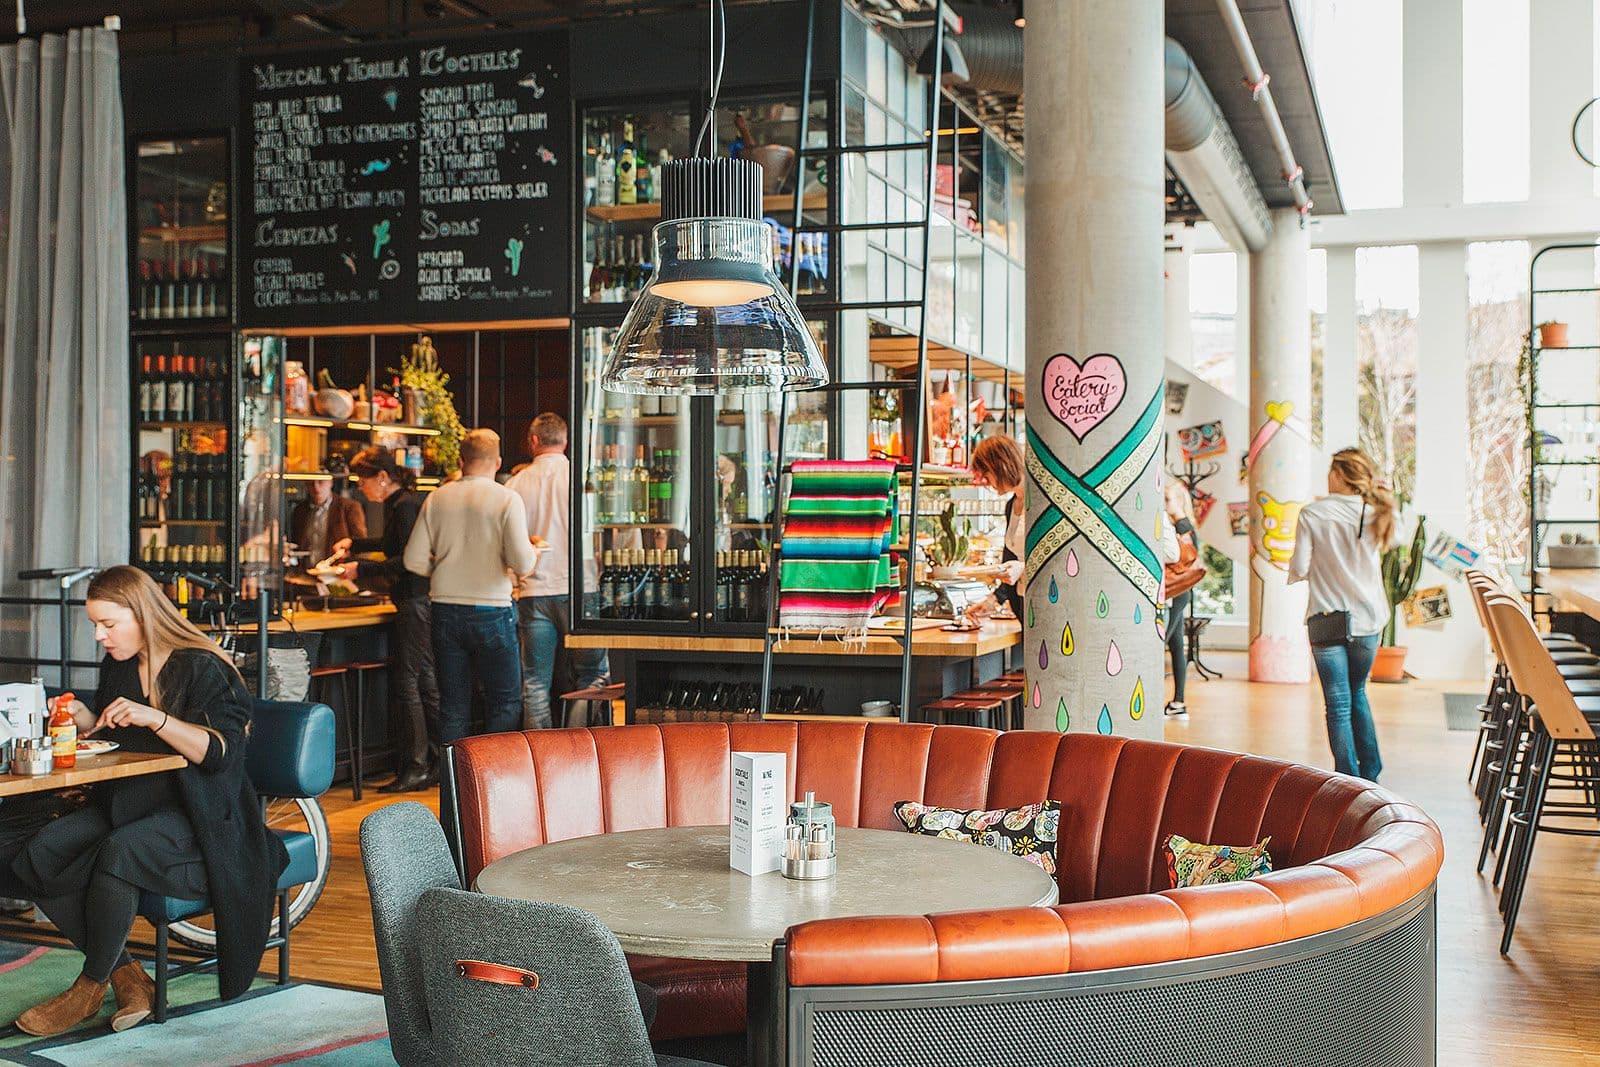 Krok upp barer i Hollywood